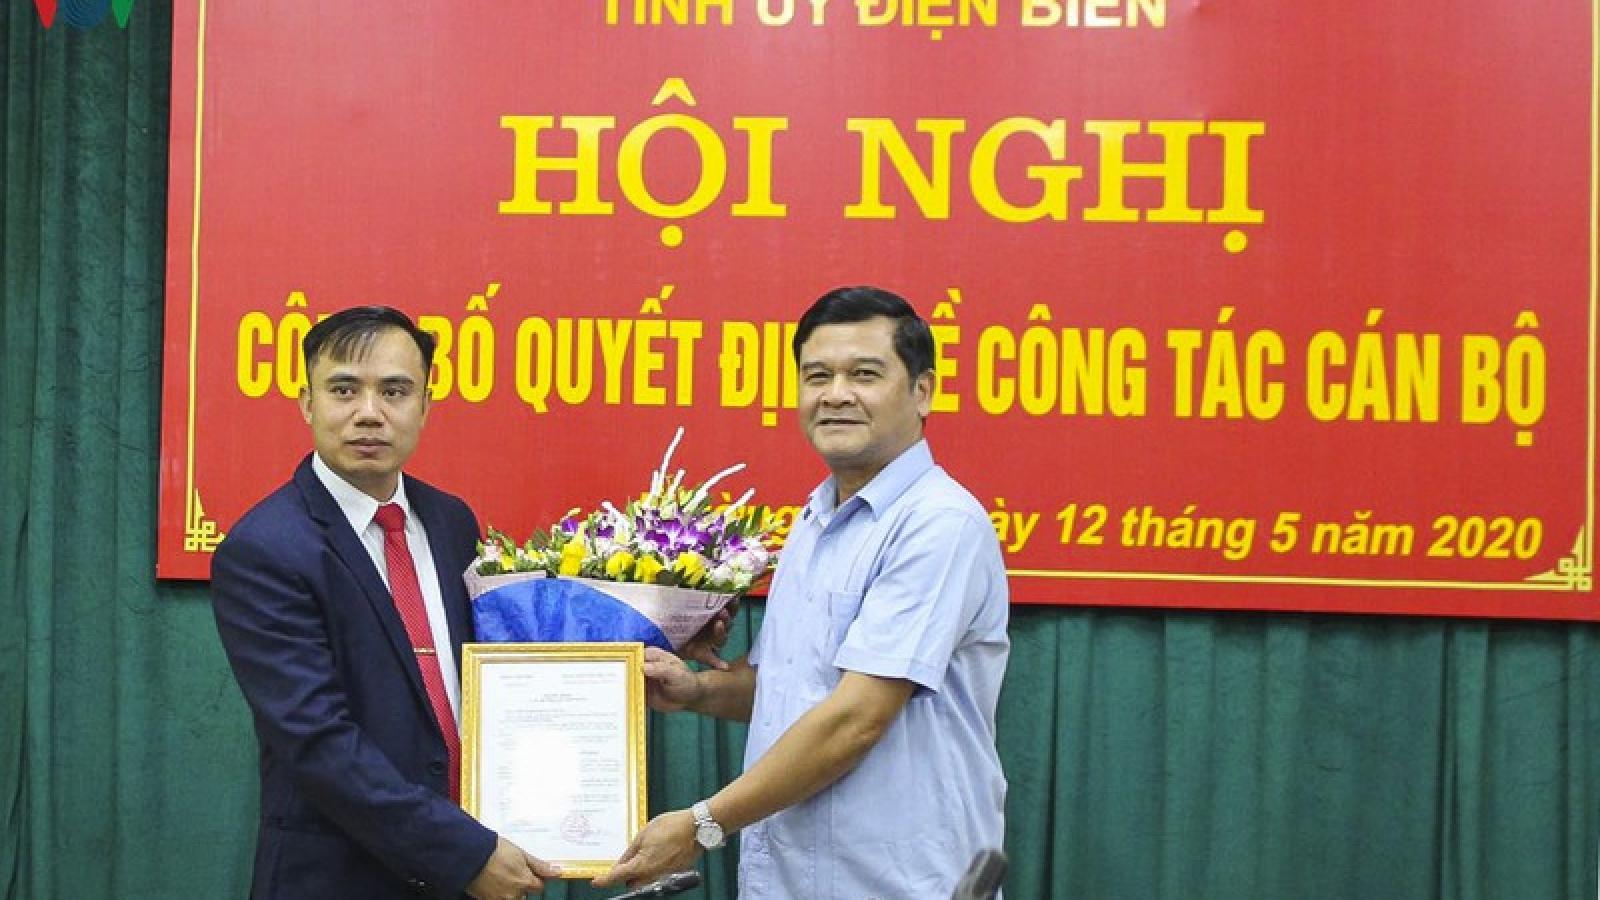 Chánh Văn phòng UBND tỉnh Điện Biên giữ chức Bí thư Mường Nhé